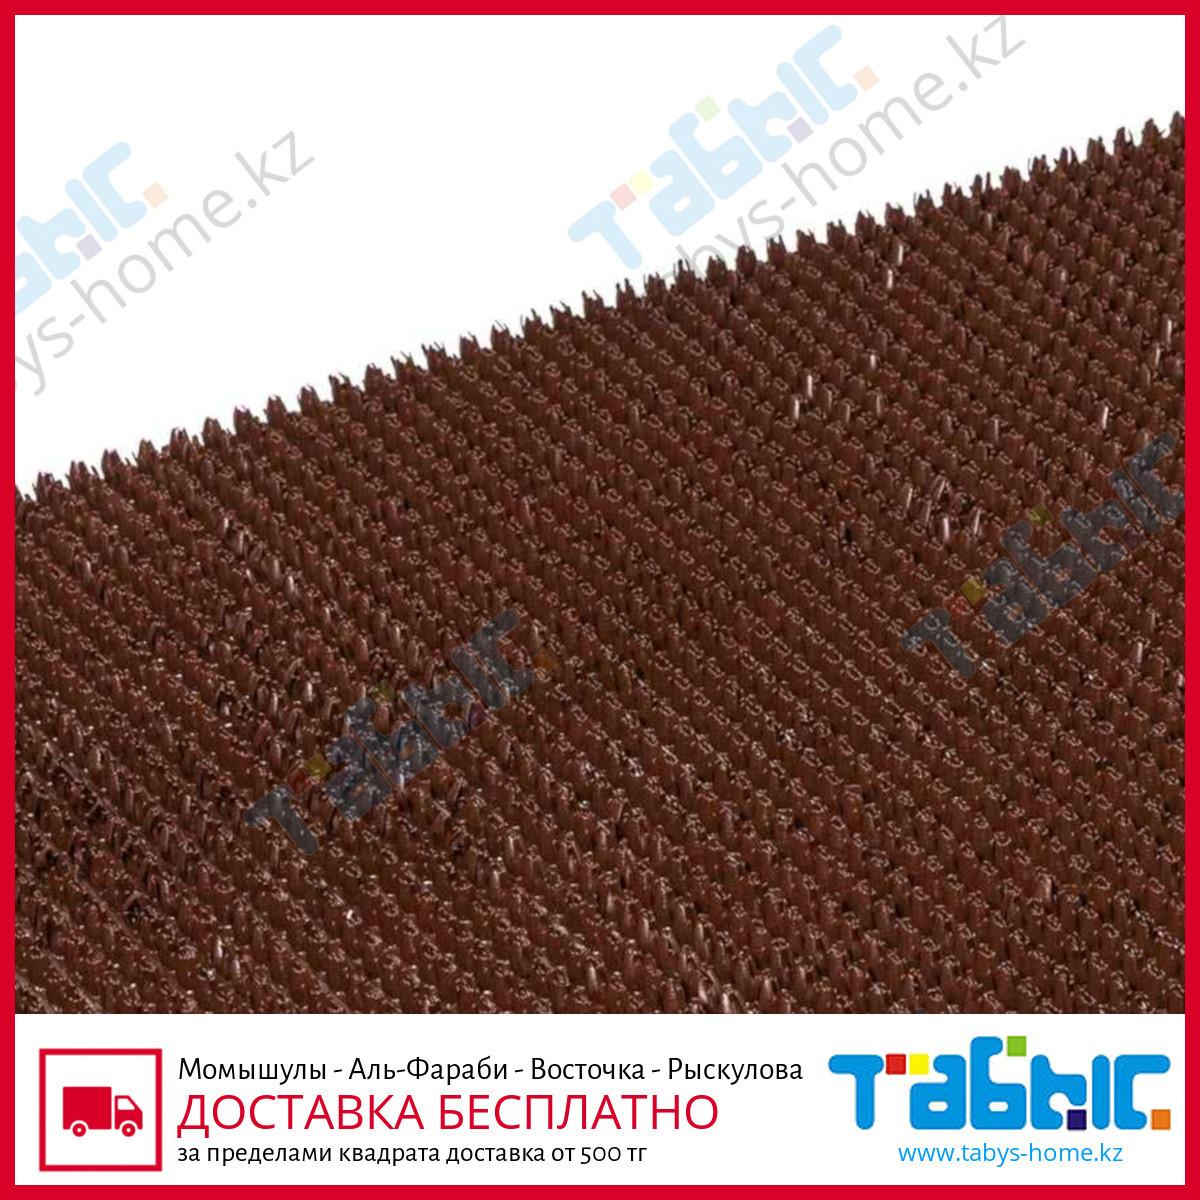 Коврик щетинистый Стандарт 90х1500 см (шоколадный цвет)